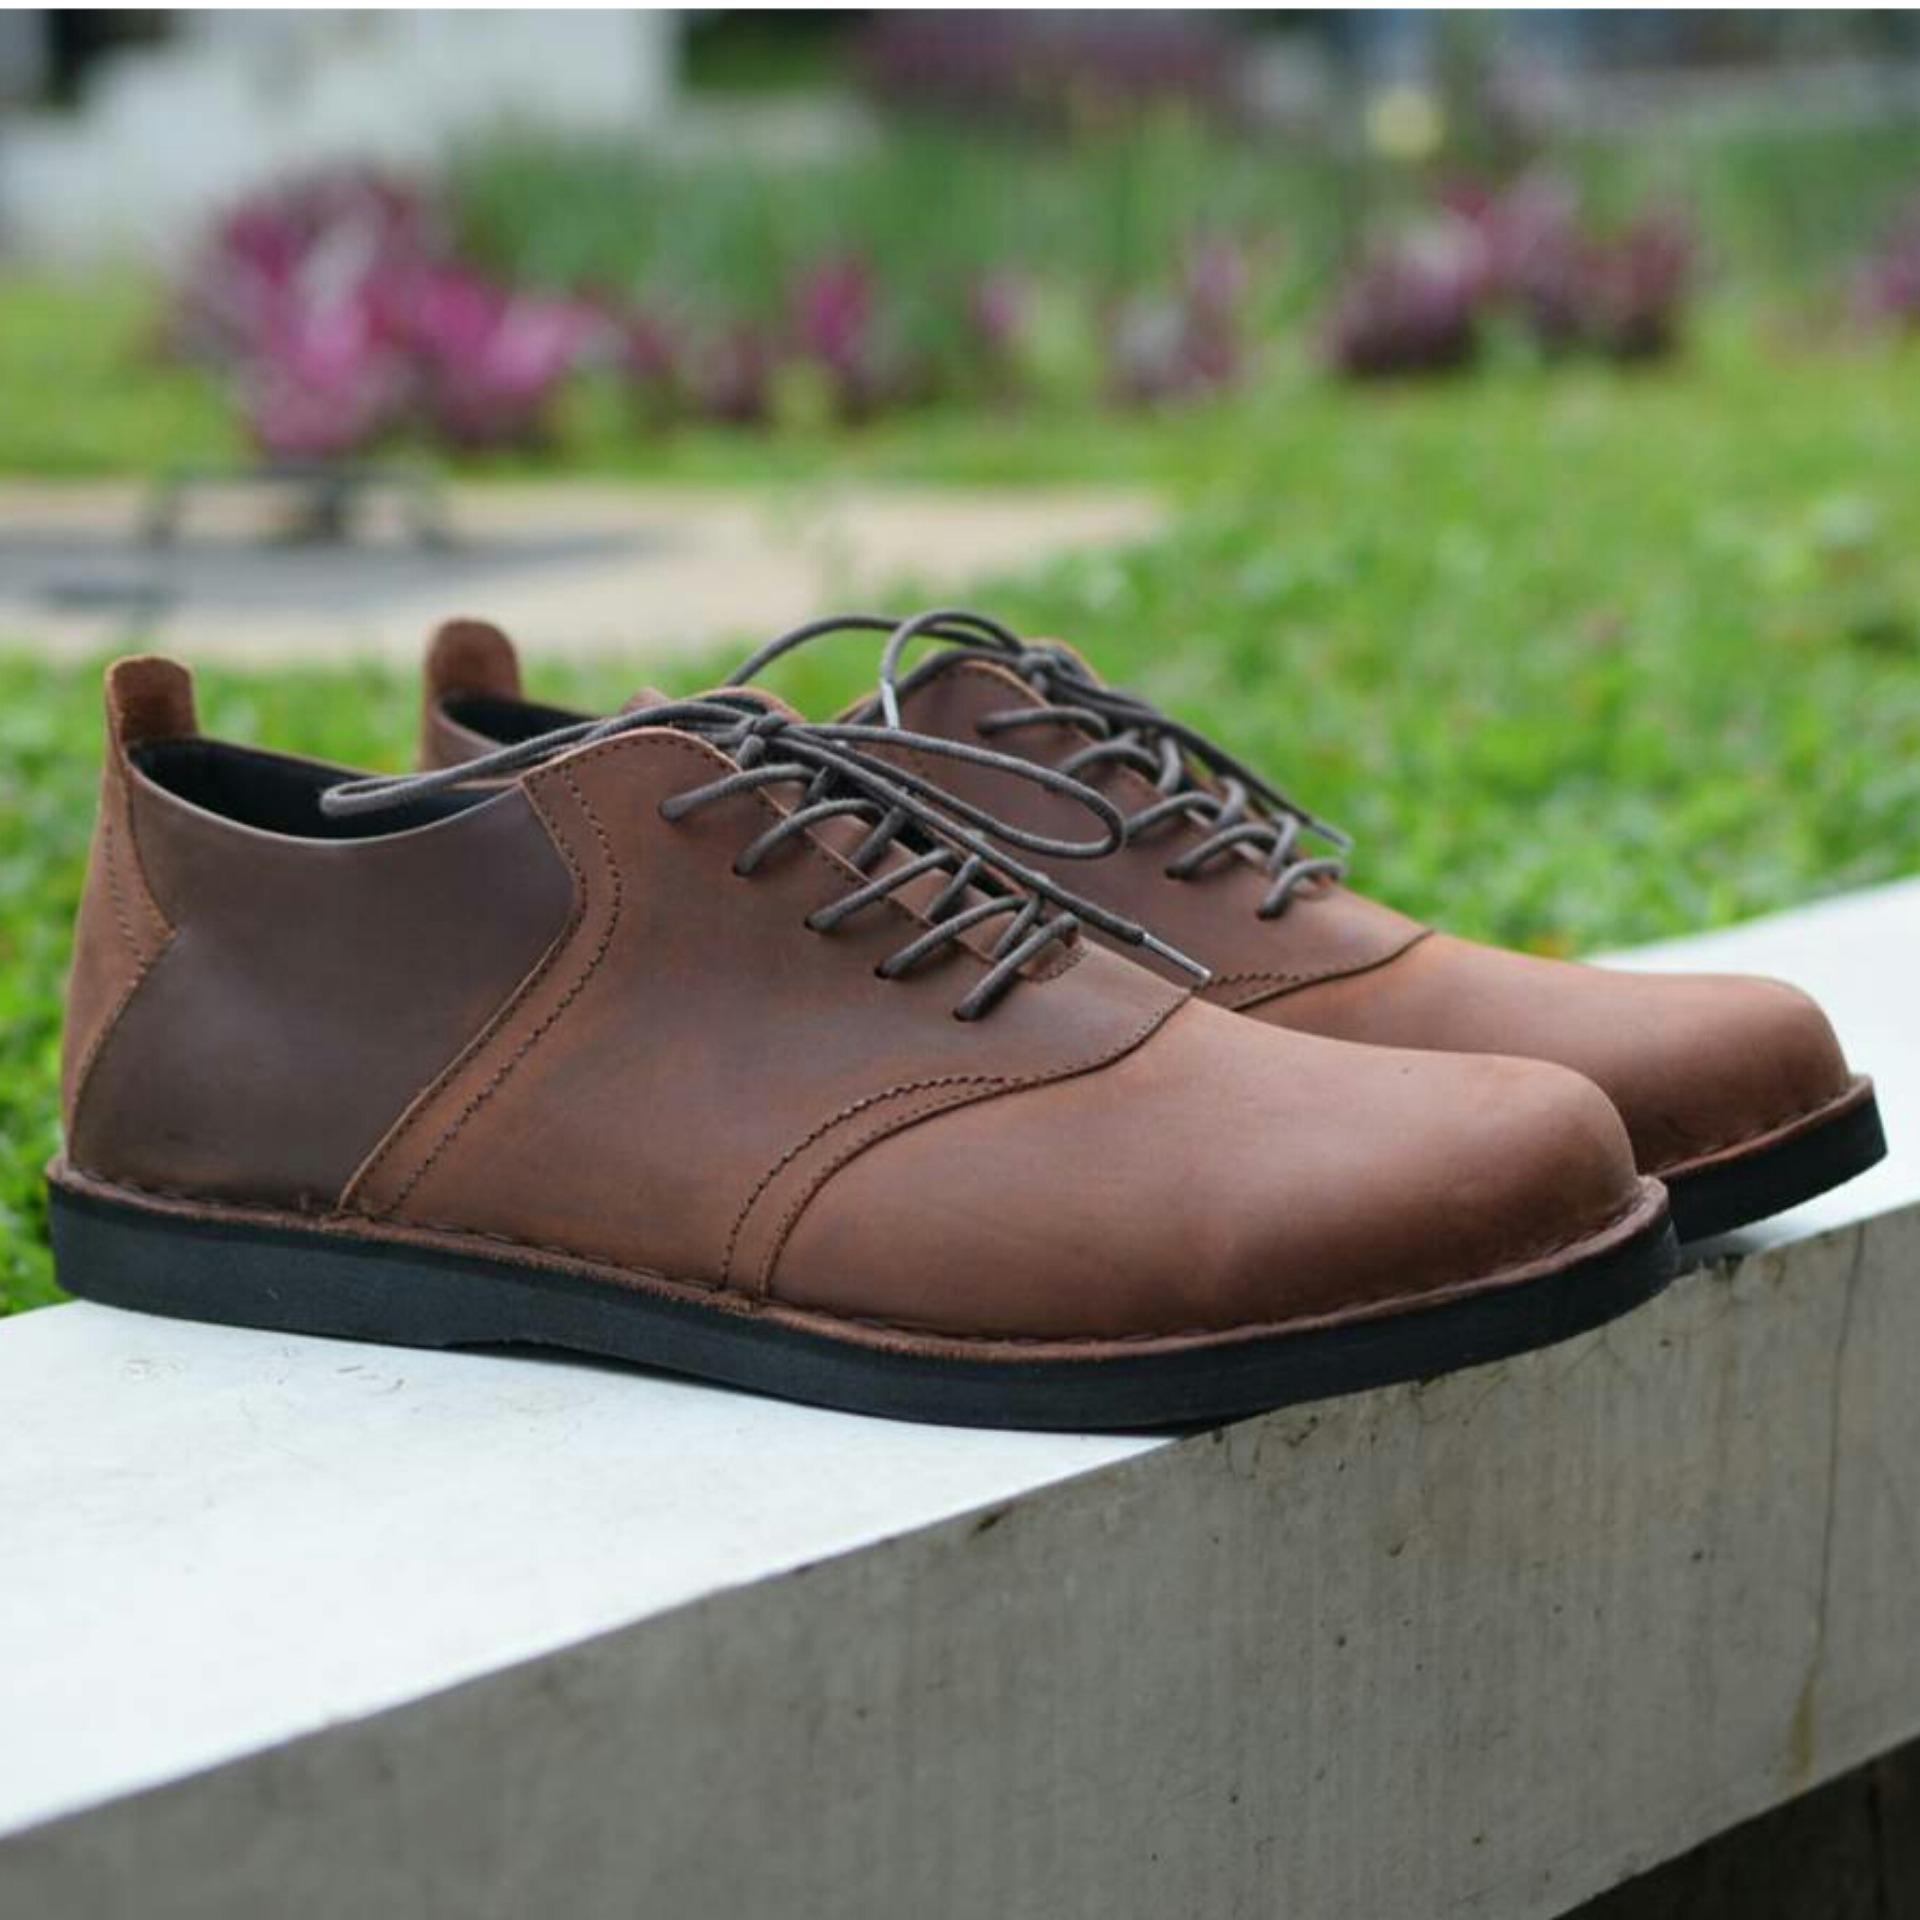 Sepatu Kasual Formal Pria Kulit Asli Toods Spectre Brown Daftar Footwear Longwing Black Source